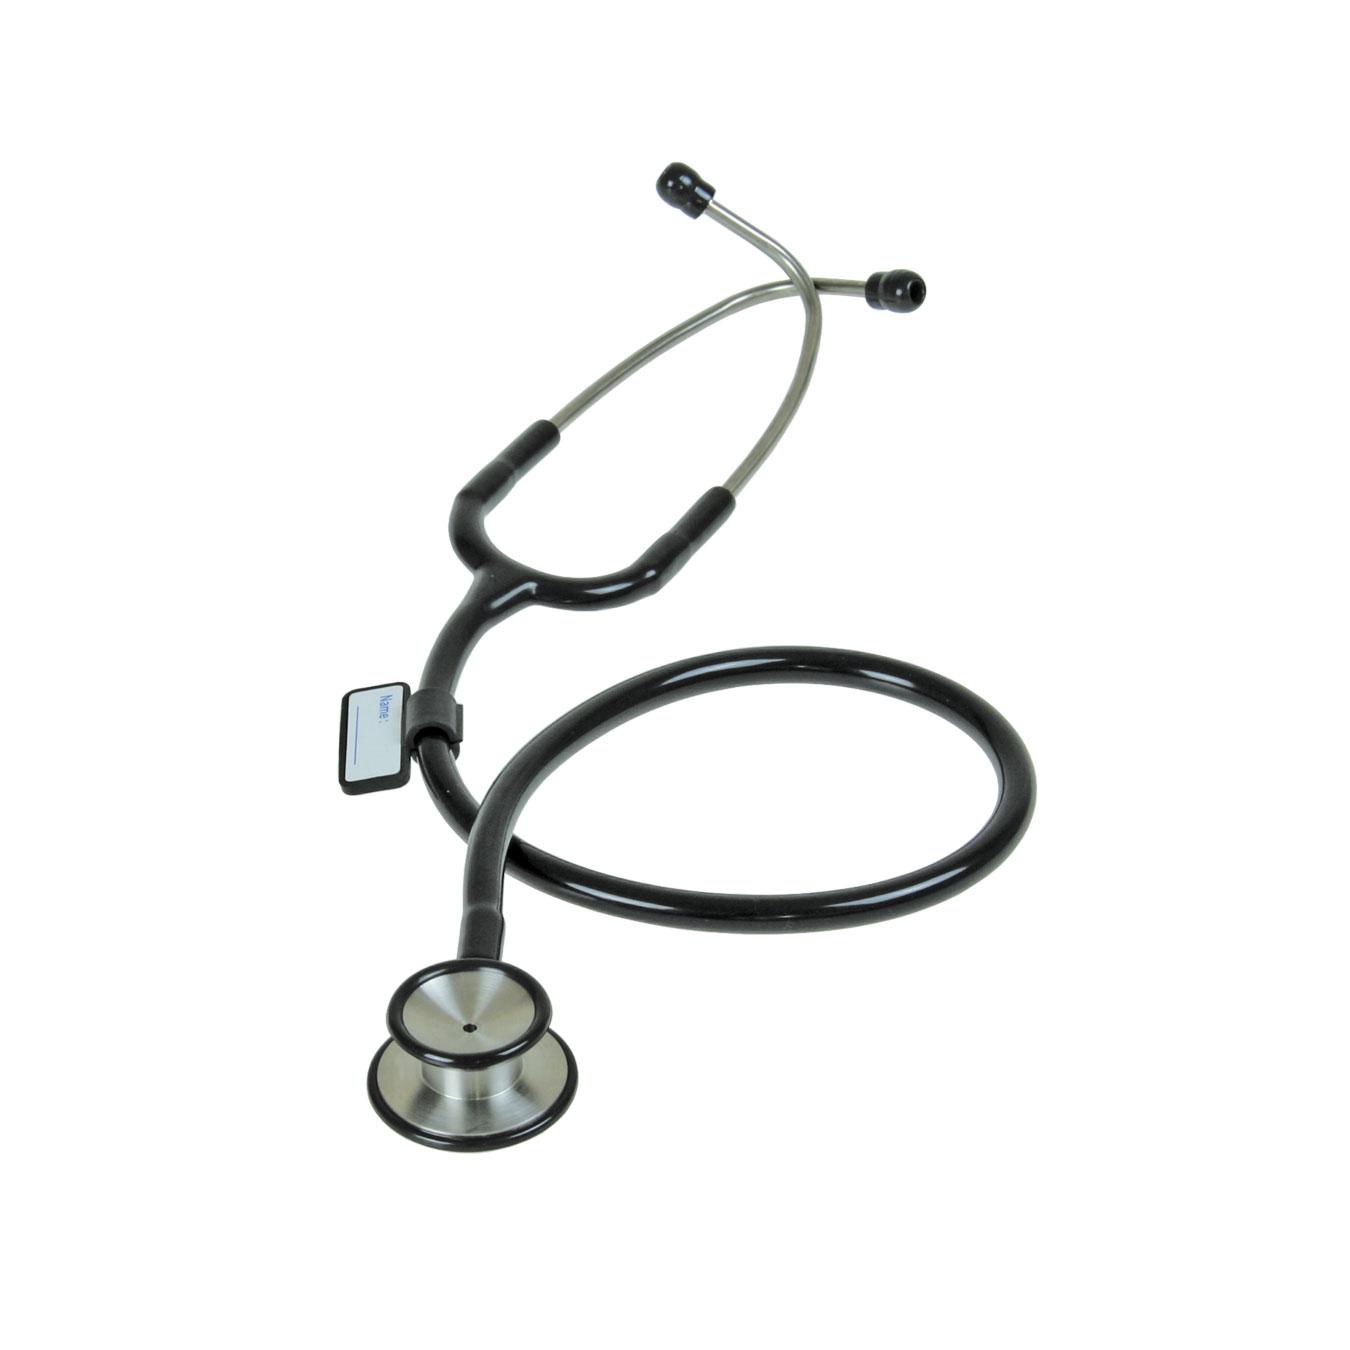 LSCLB_1_Liberty-Classic-Stethoscope-Black